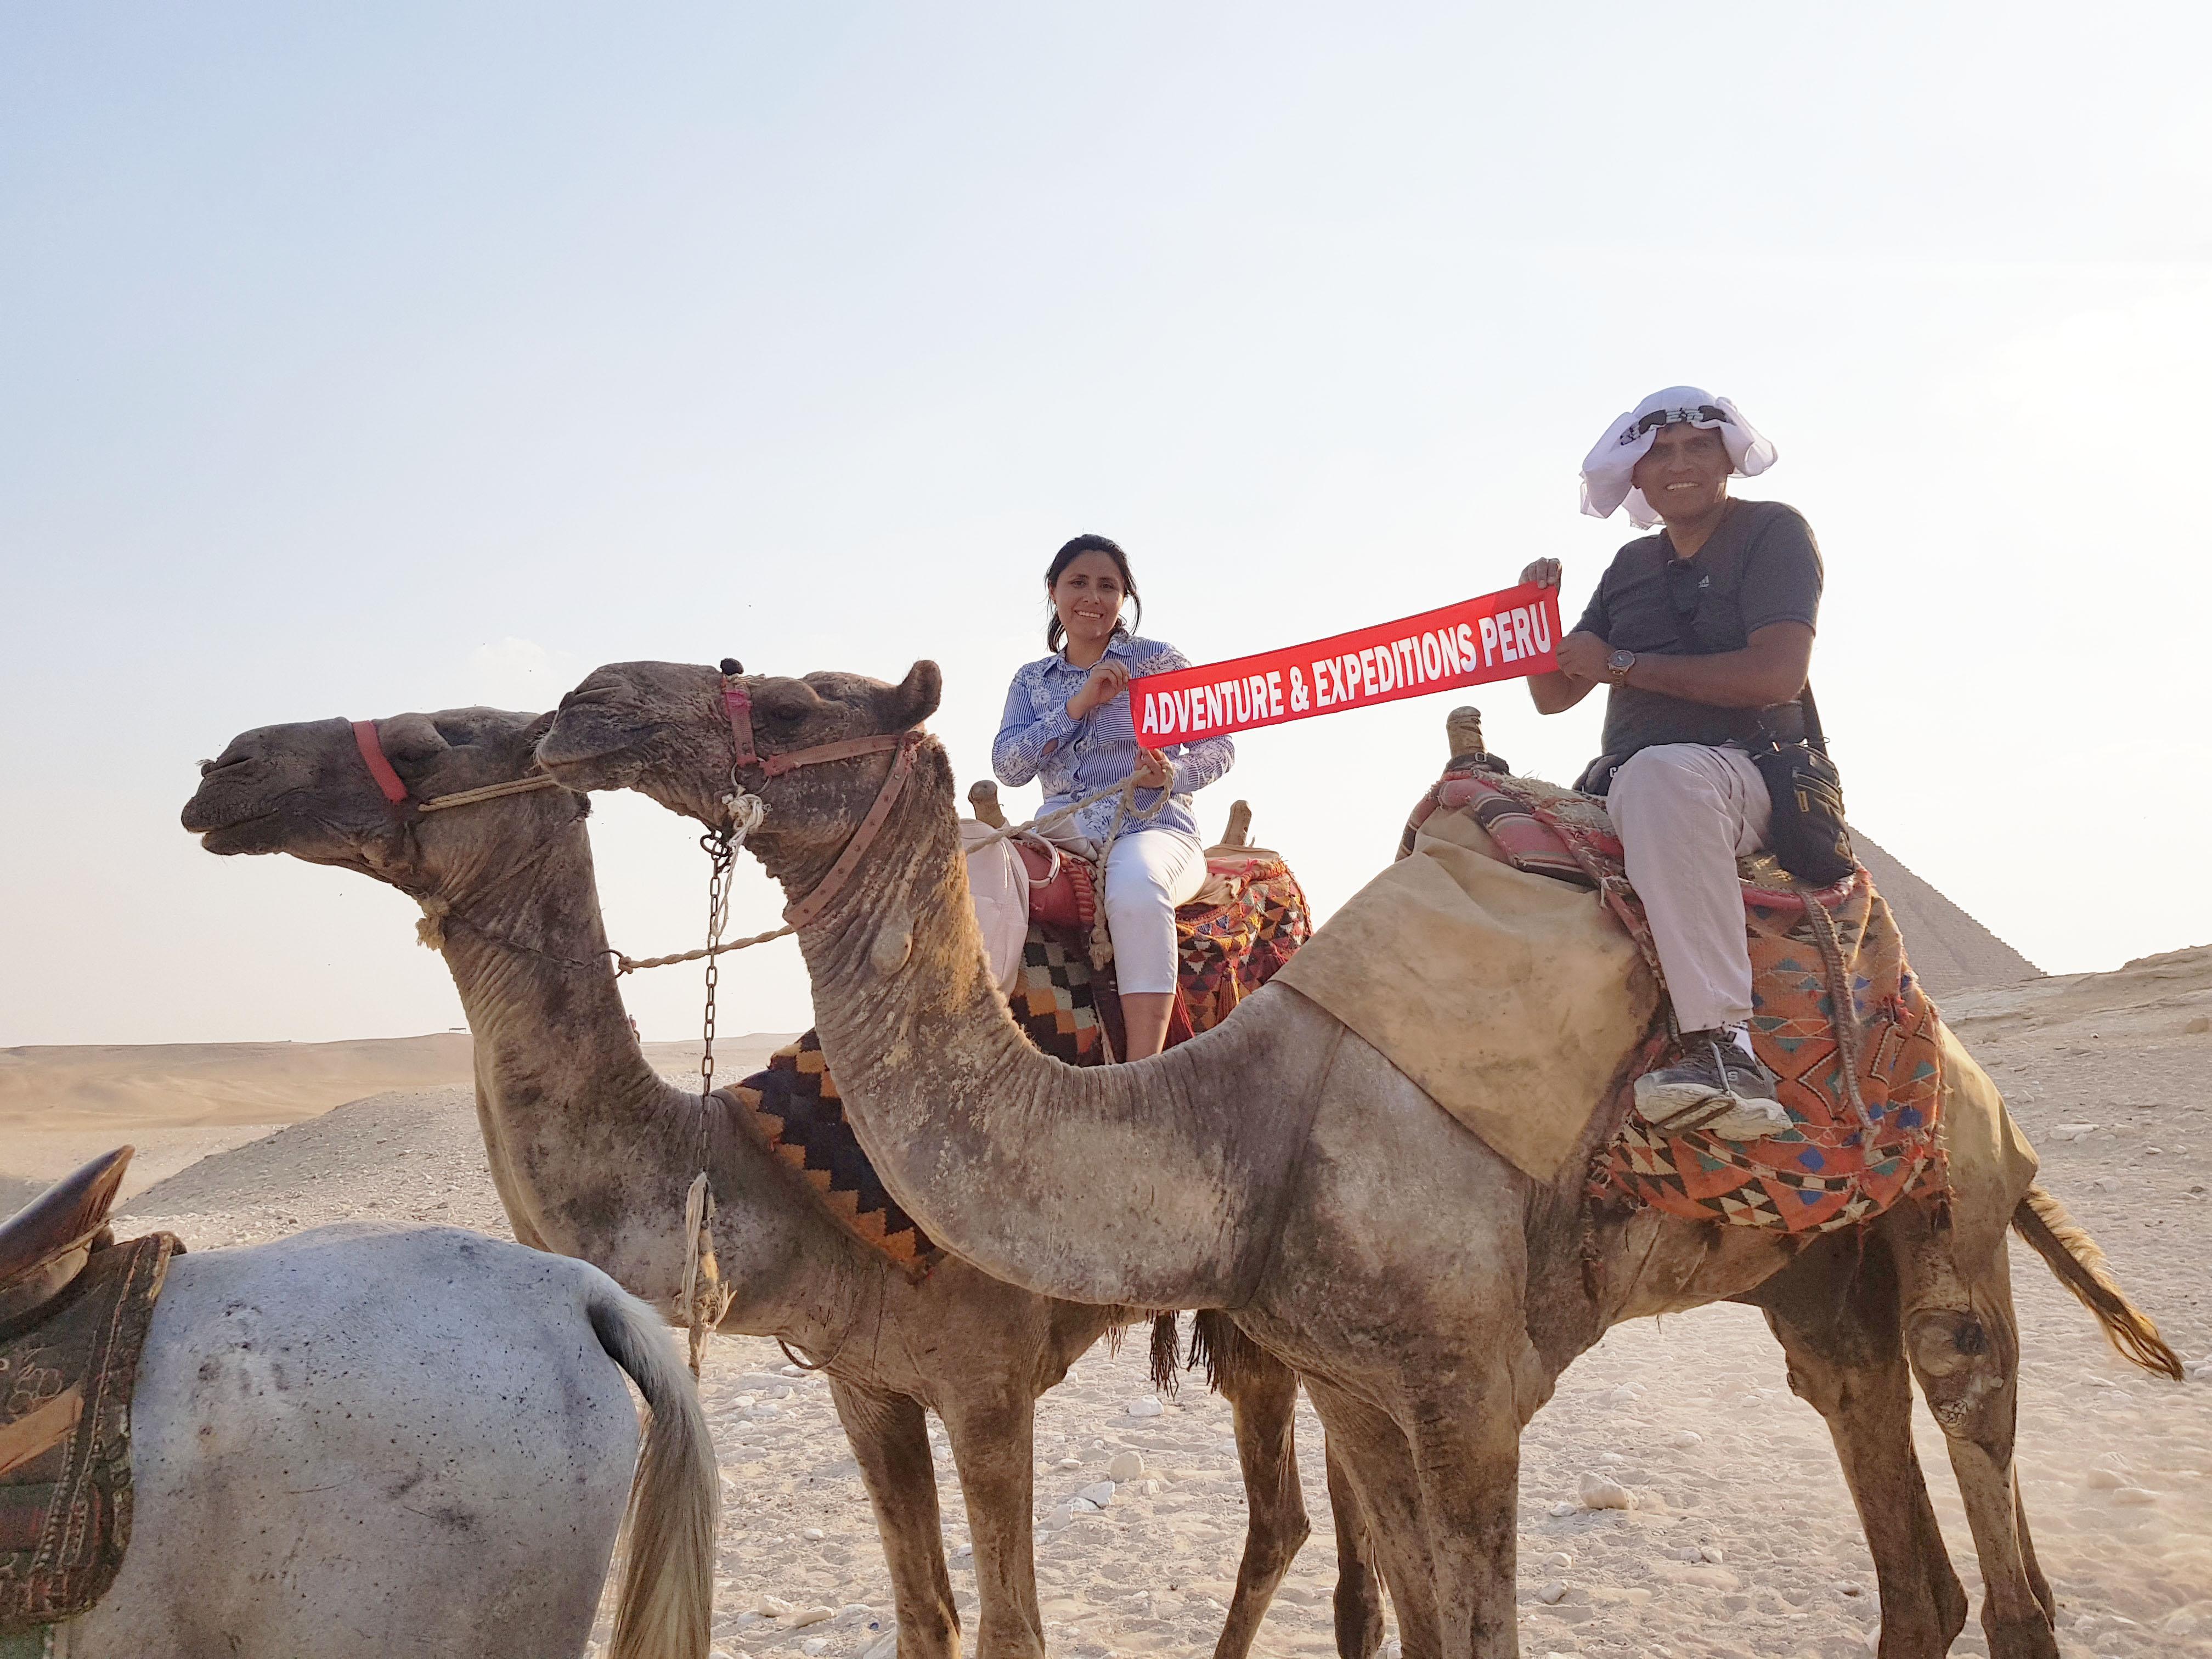 Camellos en desierto Sahara - Egipto